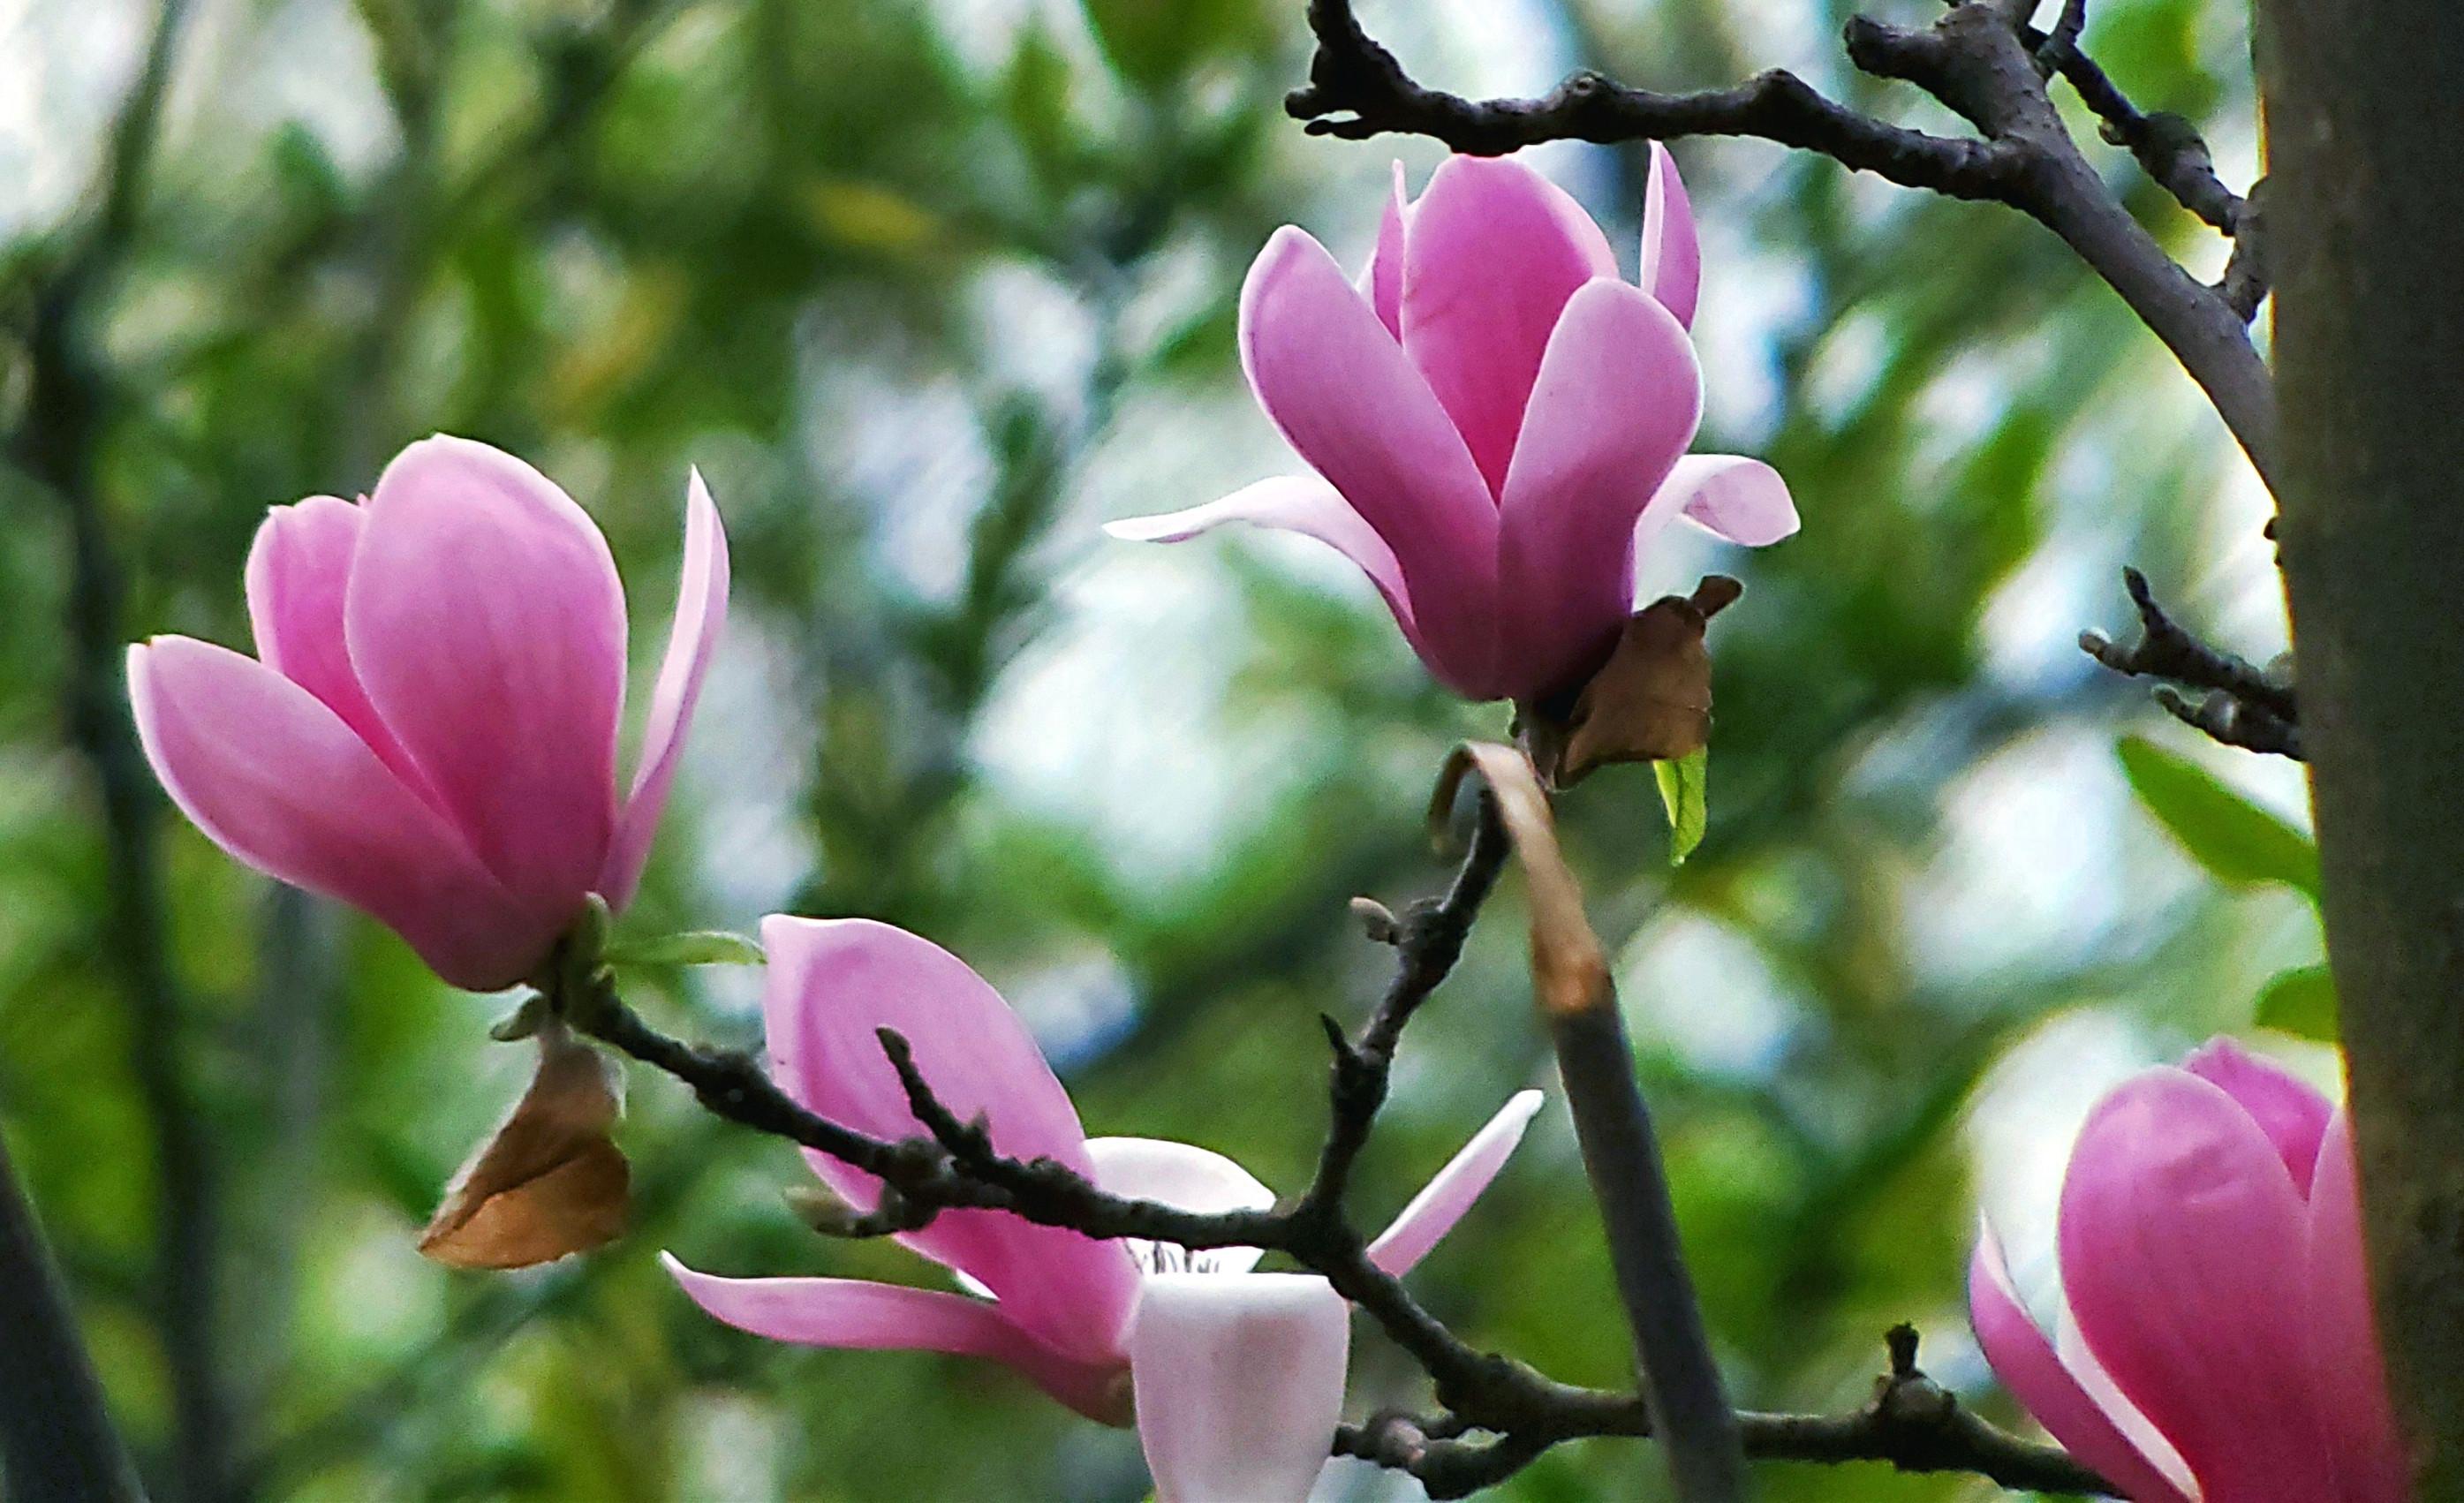 【春花烂漫】花红柳绿又一春